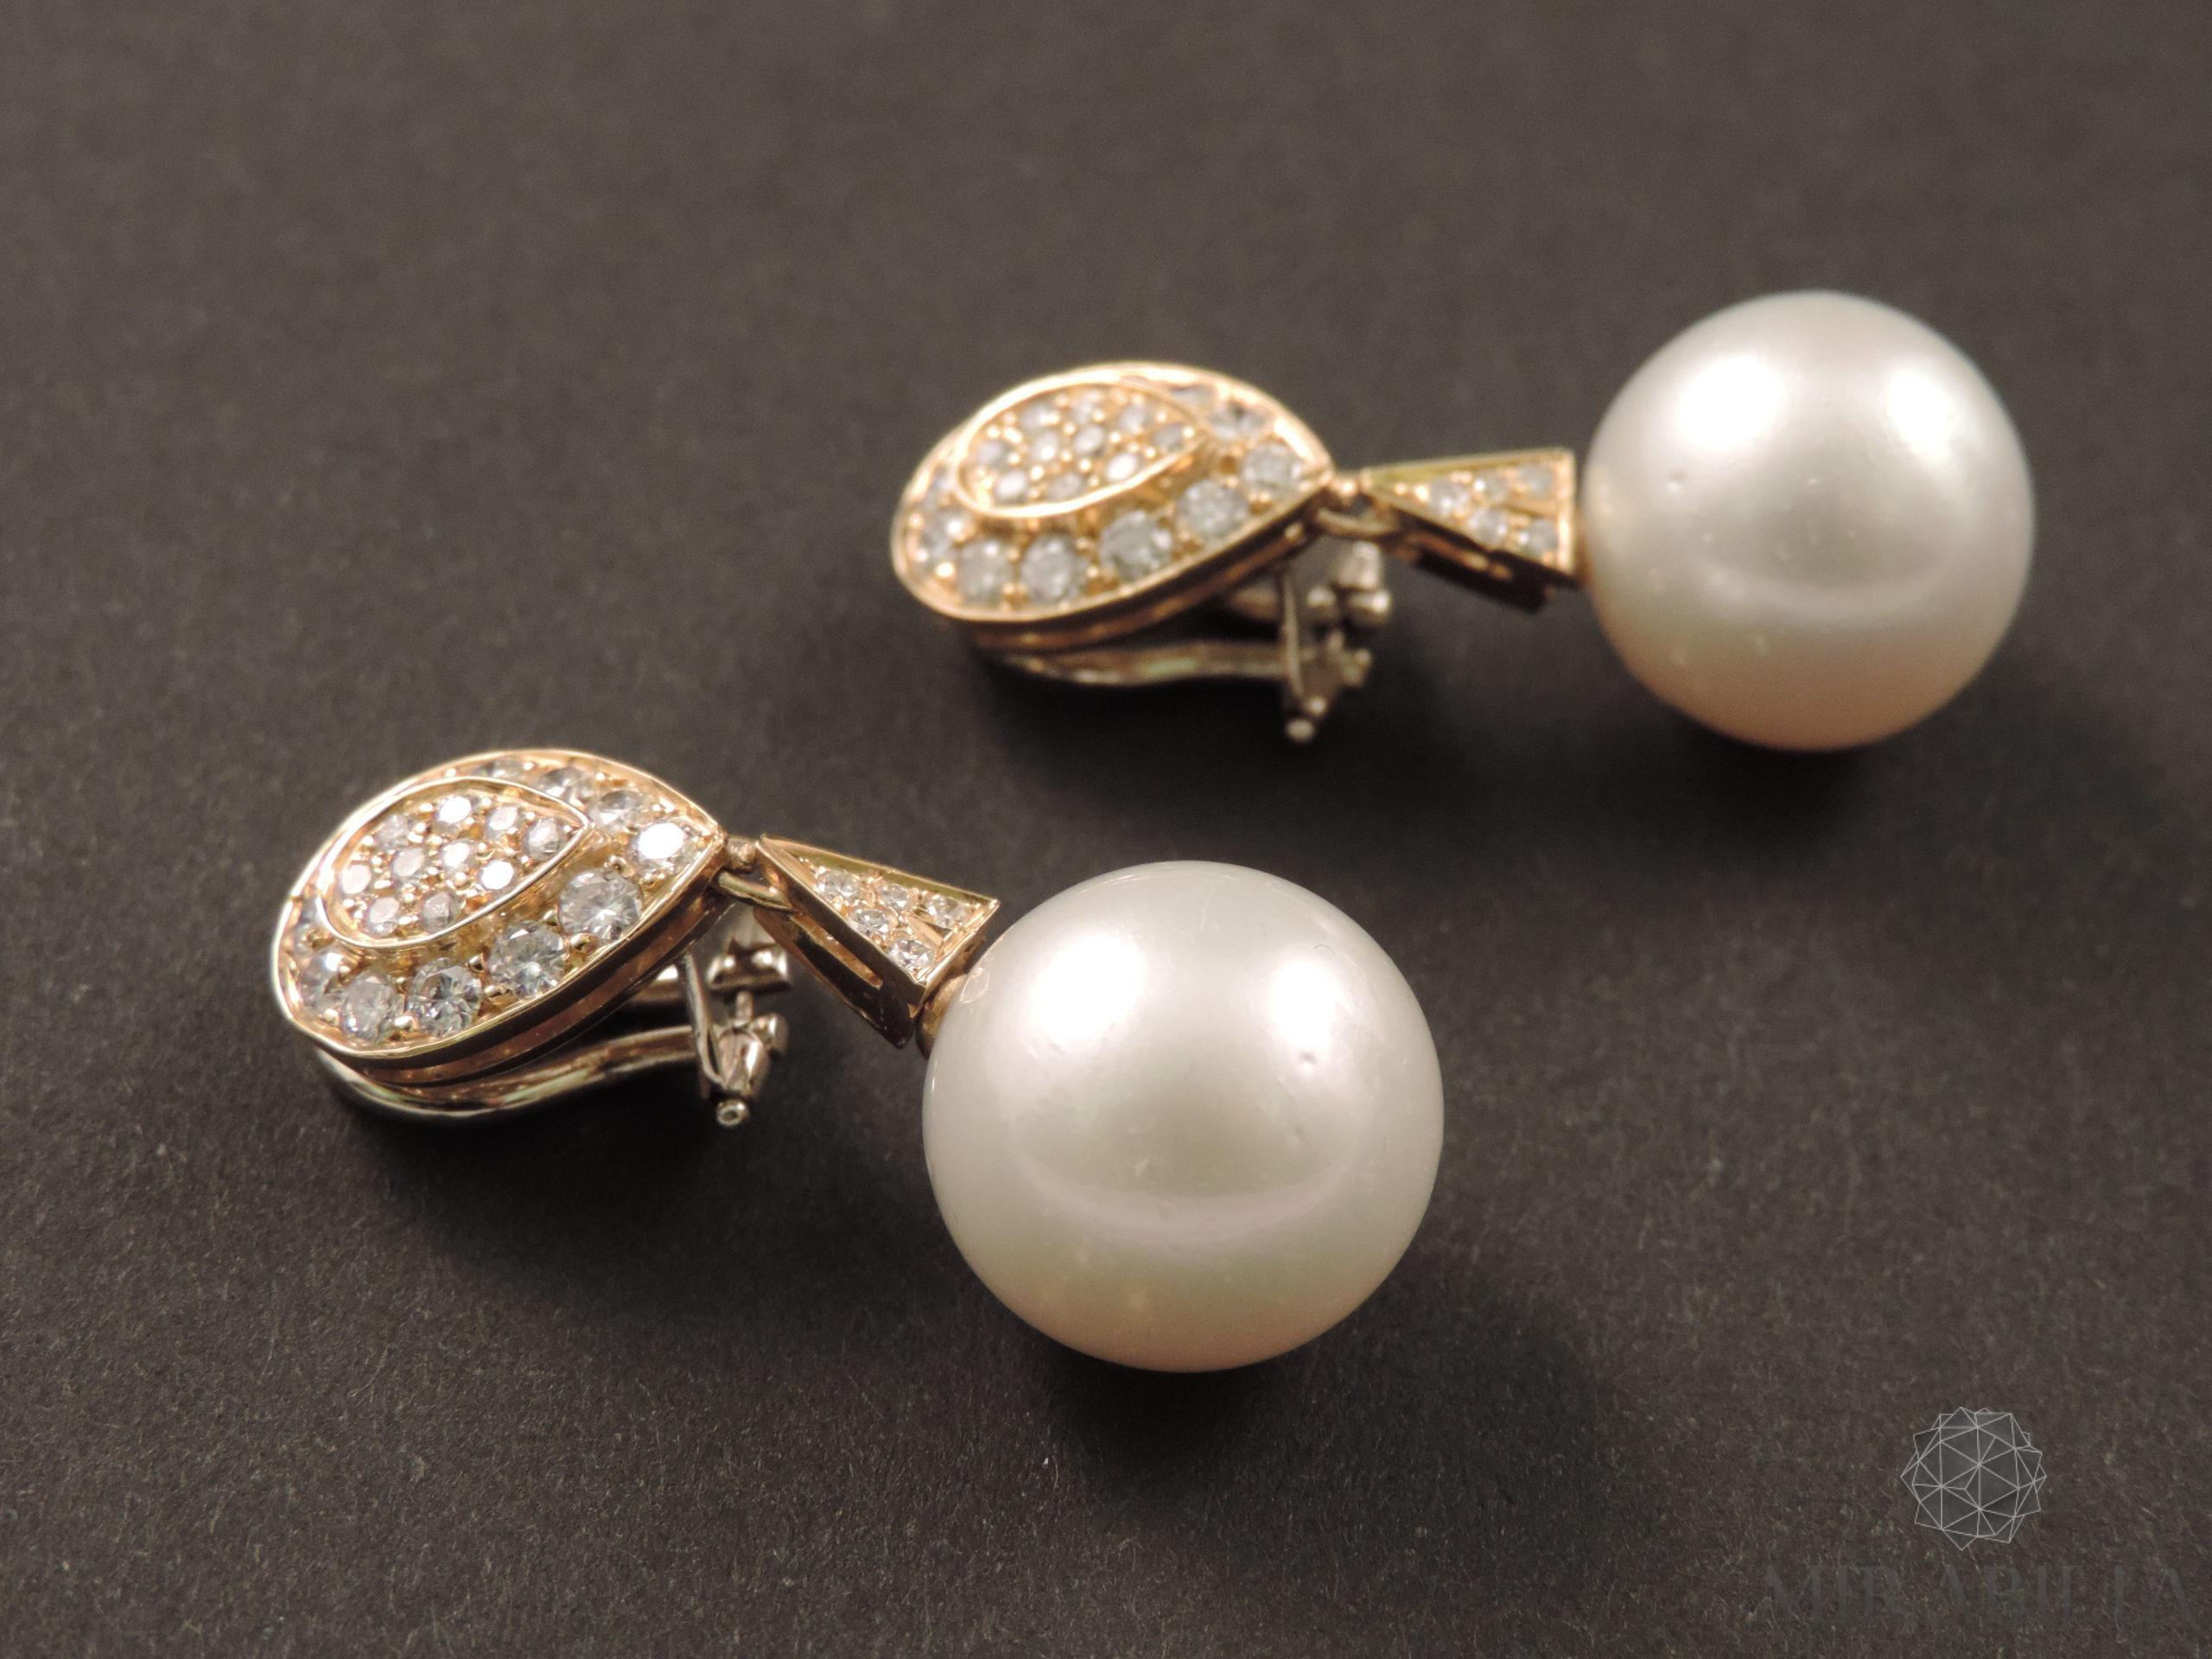 Orecchini a clip con perle coltivate e diamanti, anni '60 (dettaglio oro)